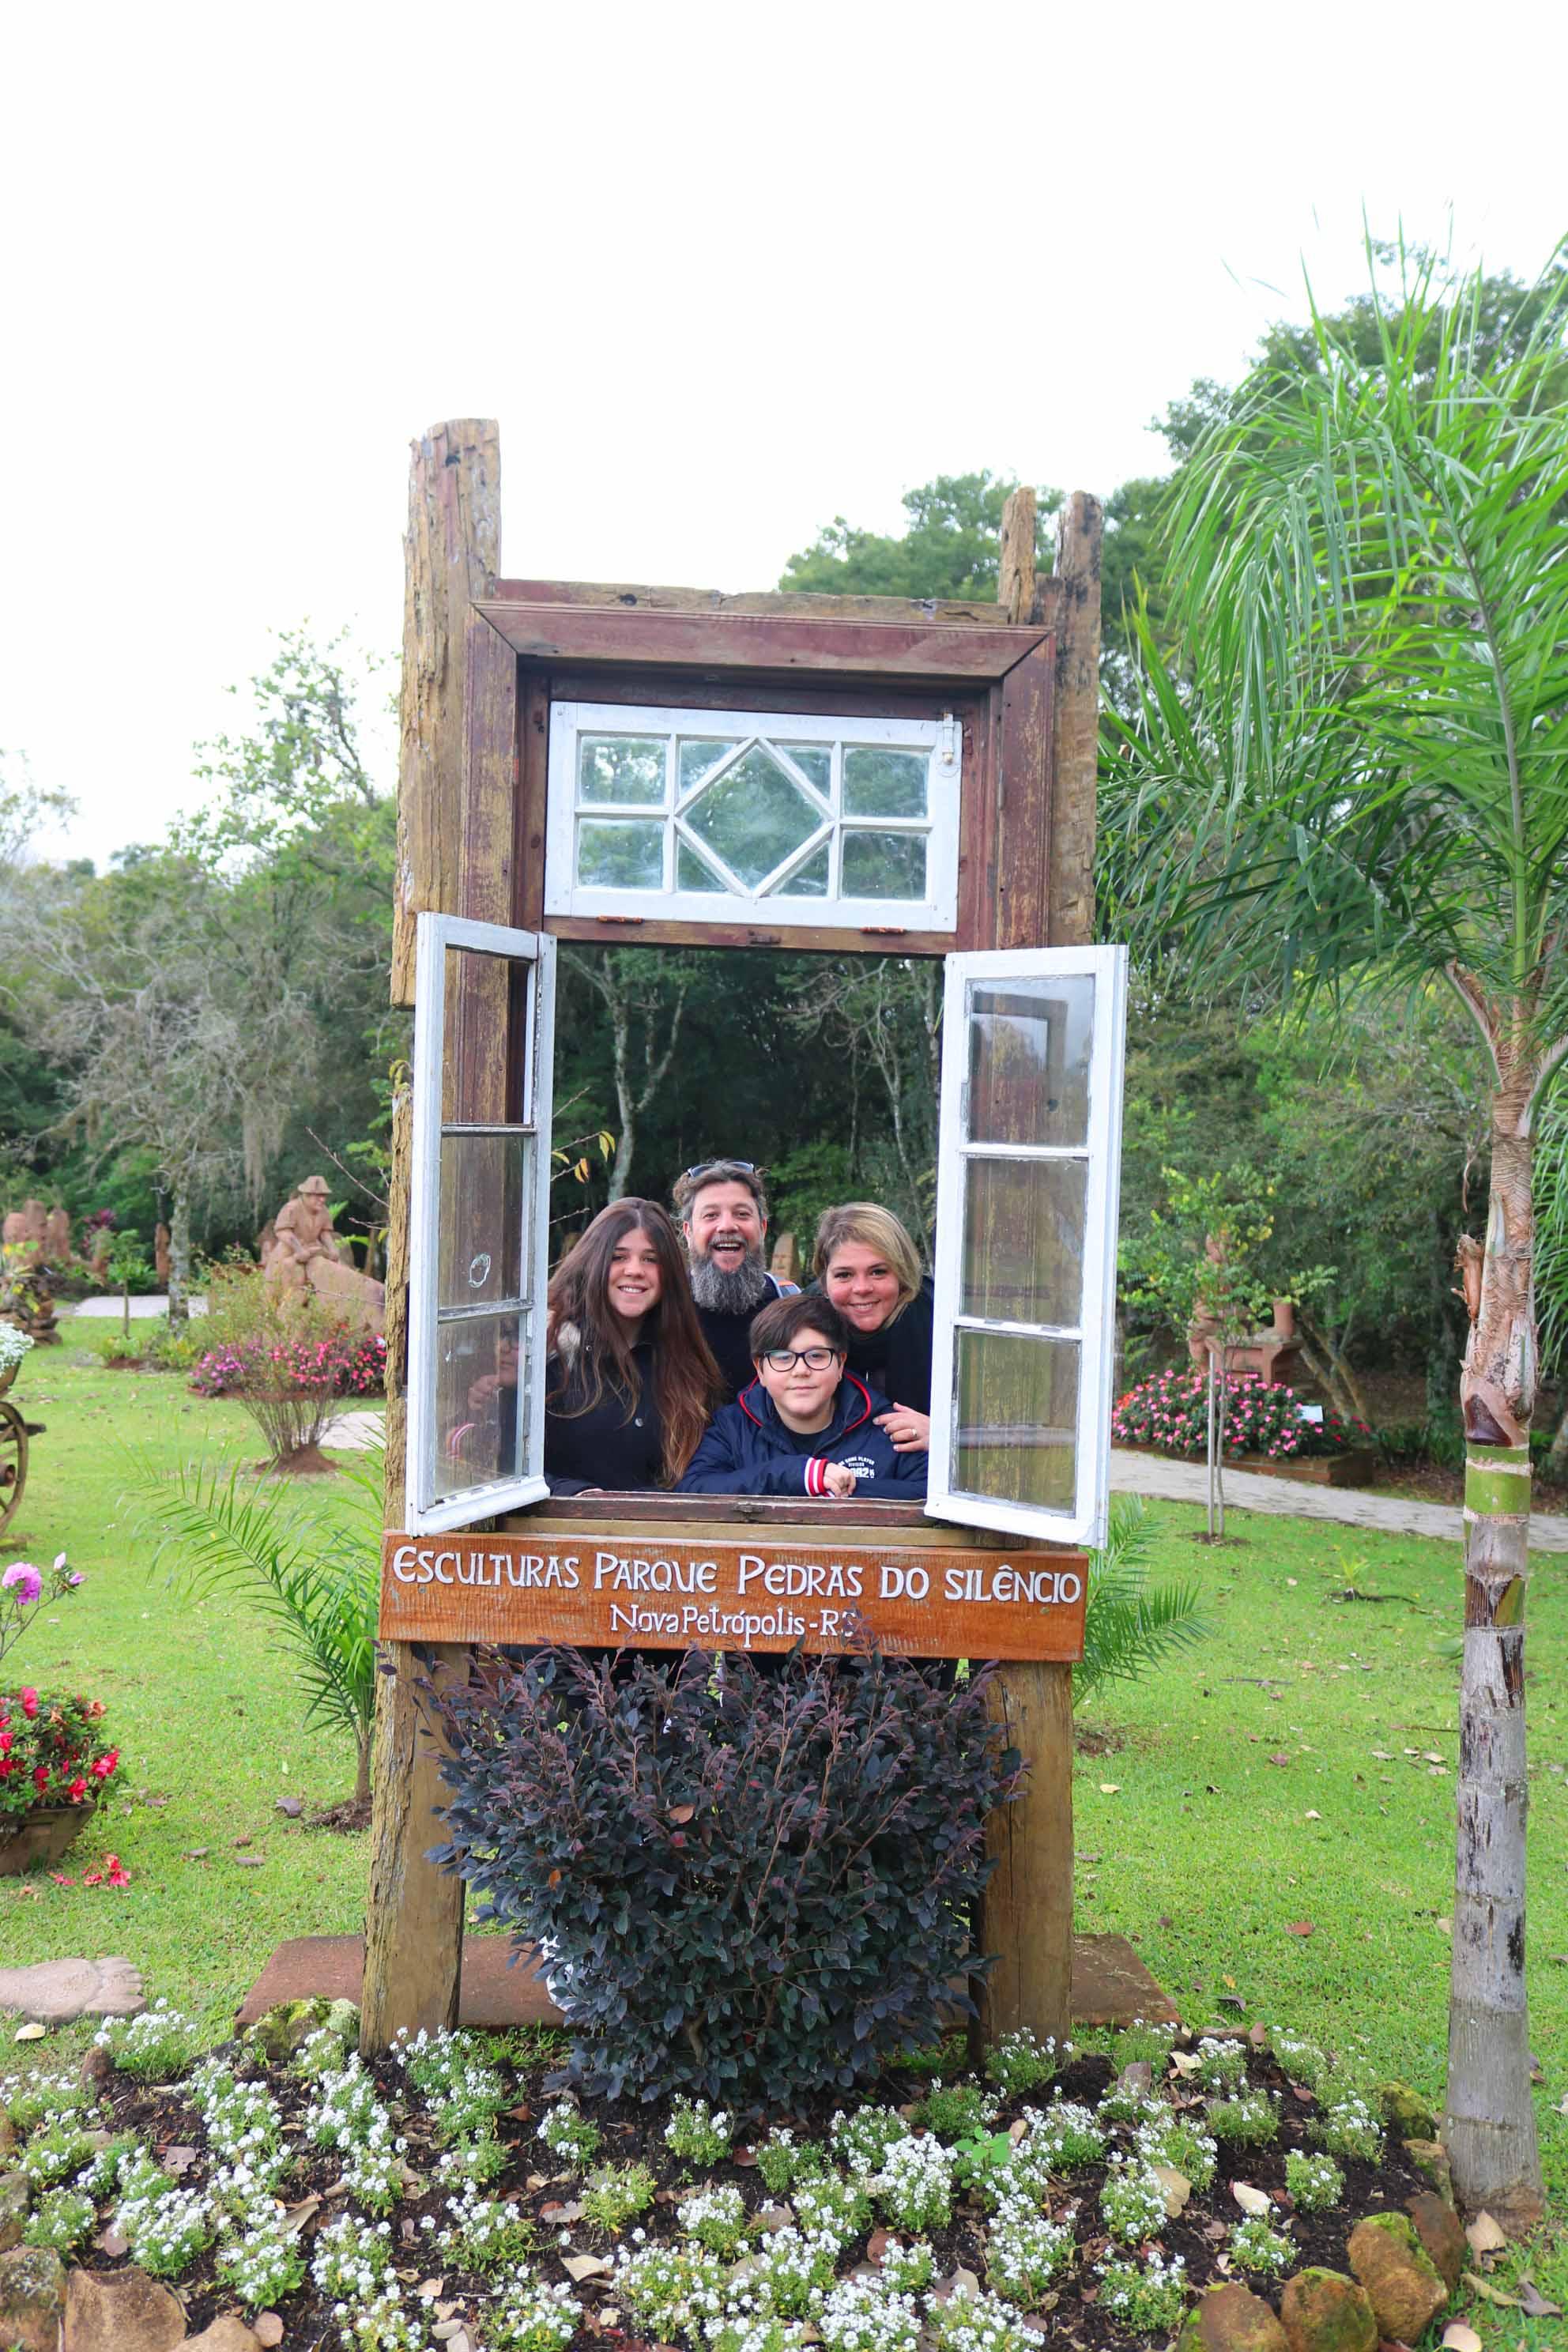 O parque das pedras e uma atracao incrivel para as familias - Luciano Palumbo TurismoEtc